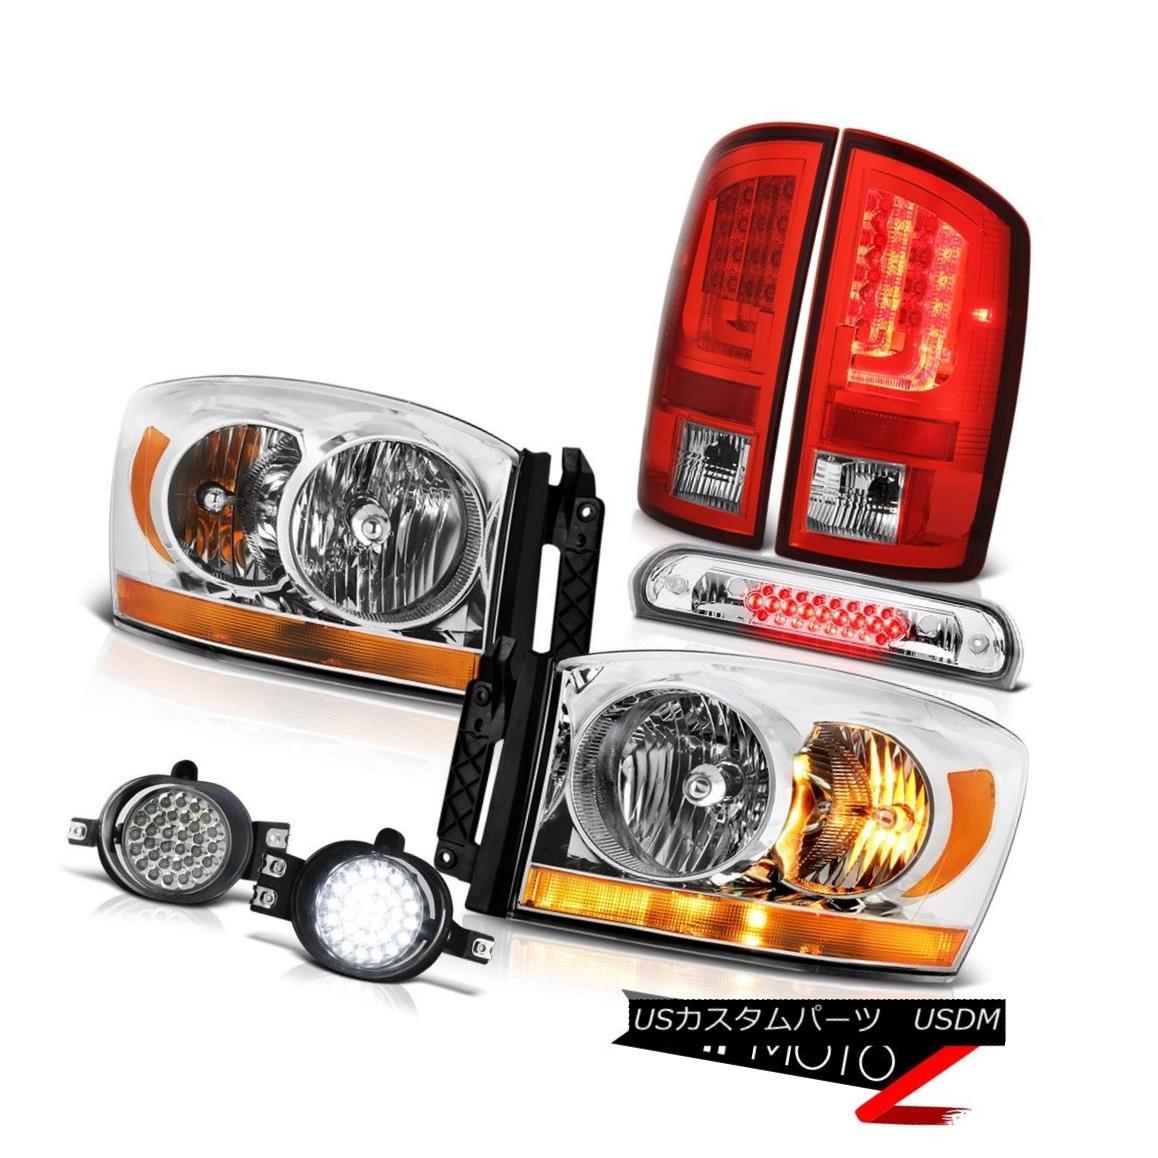 テールライト 07-08 Dodge Ram 1500 SLT Red Tail Lamps Headlamps Foglamps Roof Brake Lamp LED 07-08ダッジラム1500 SLTレッドテールランプヘッドランプフォグランプルーフブレーキランプLED